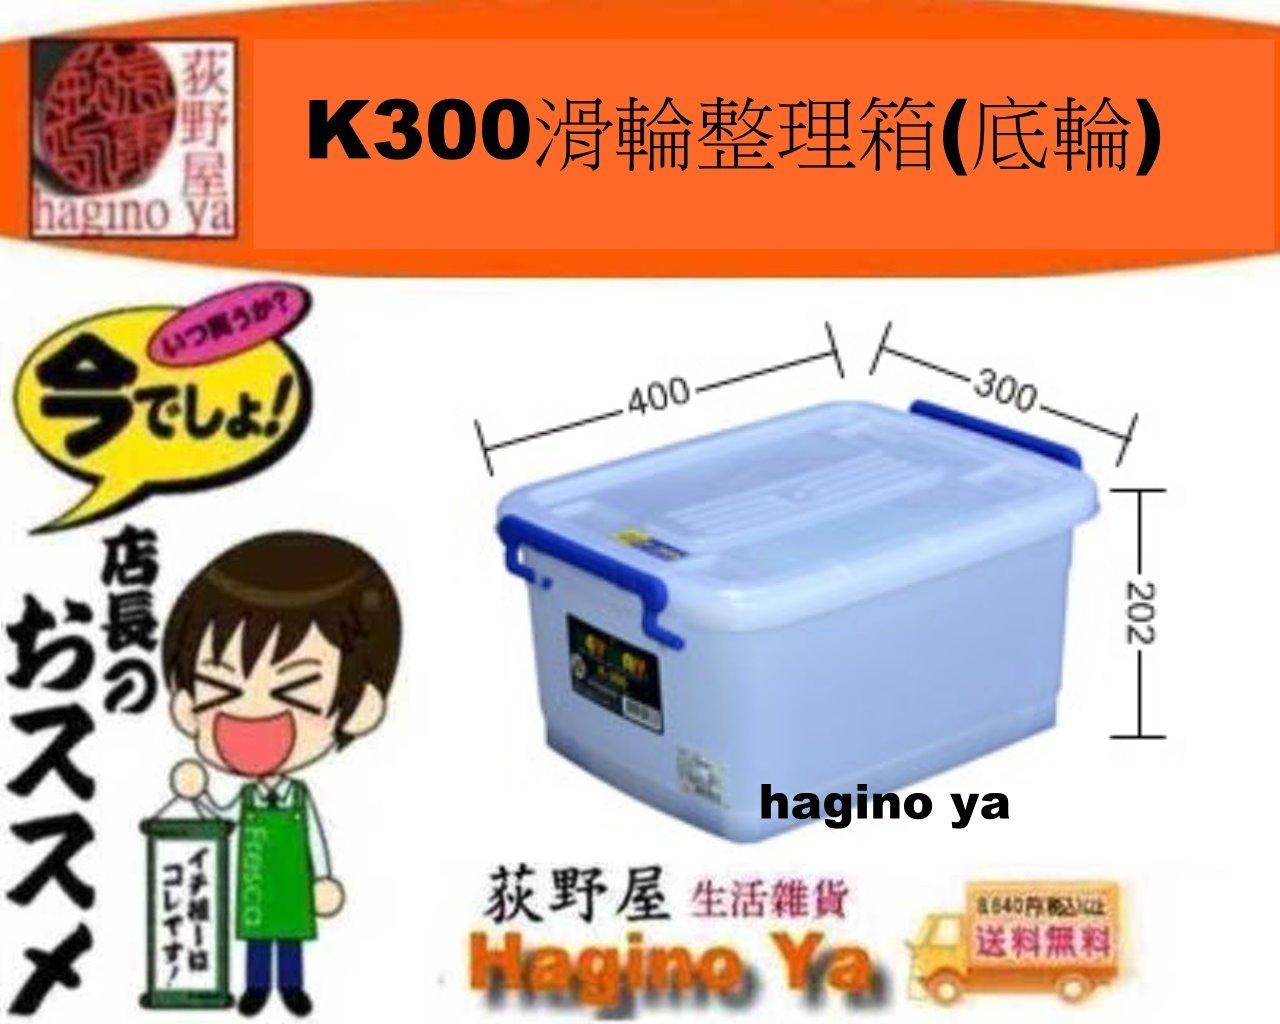 荻野屋 K300滑輪整理箱(底輪) 收納箱 置物箱 換季收納 小物收納 衣物收納 食材收納 樂高積木 K-300 直